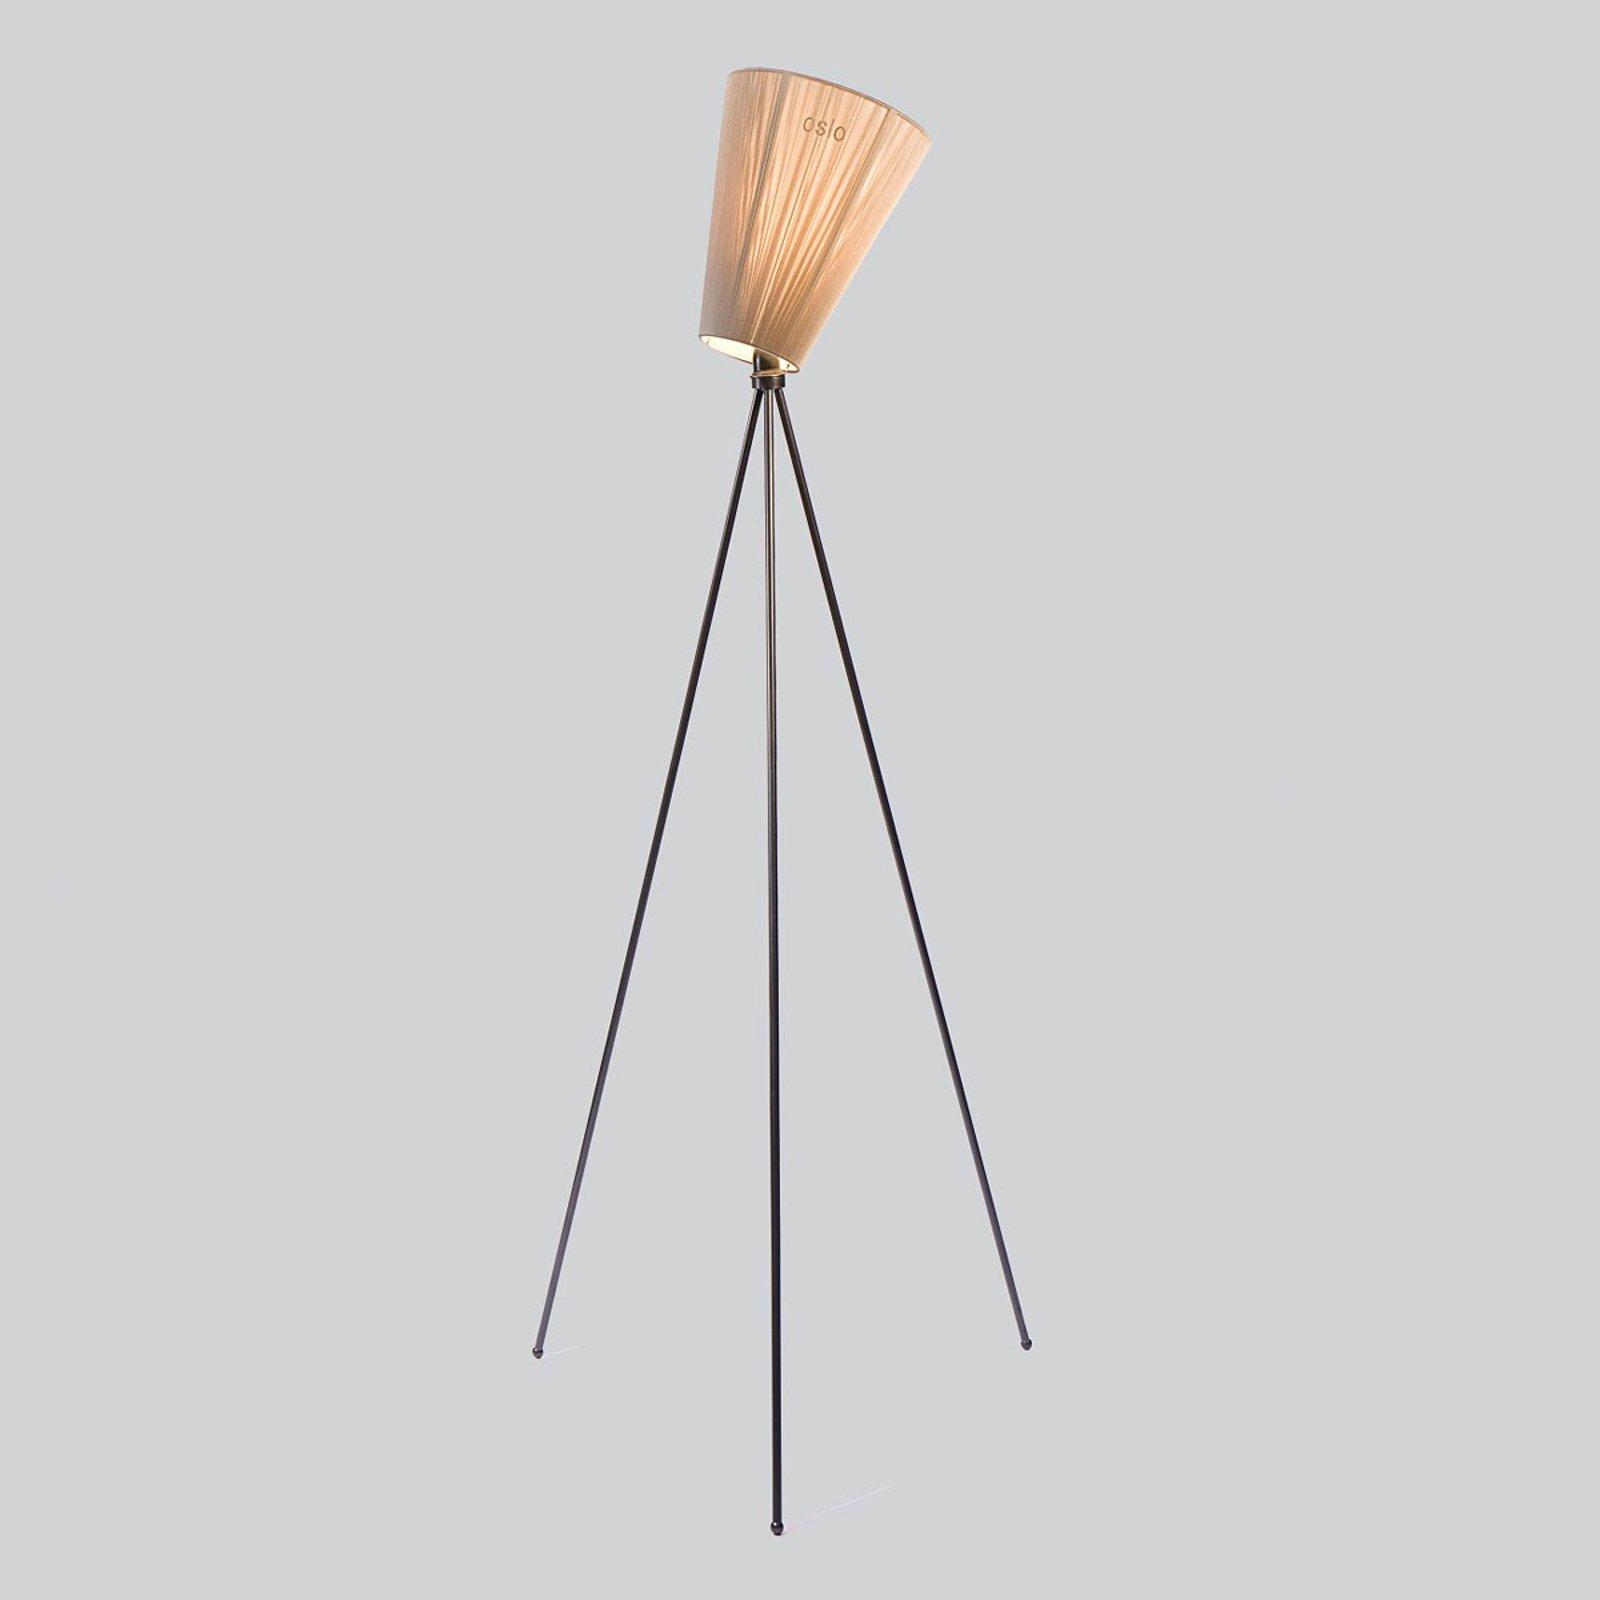 Northern Oslo Wood gulvlampe, svart/beige